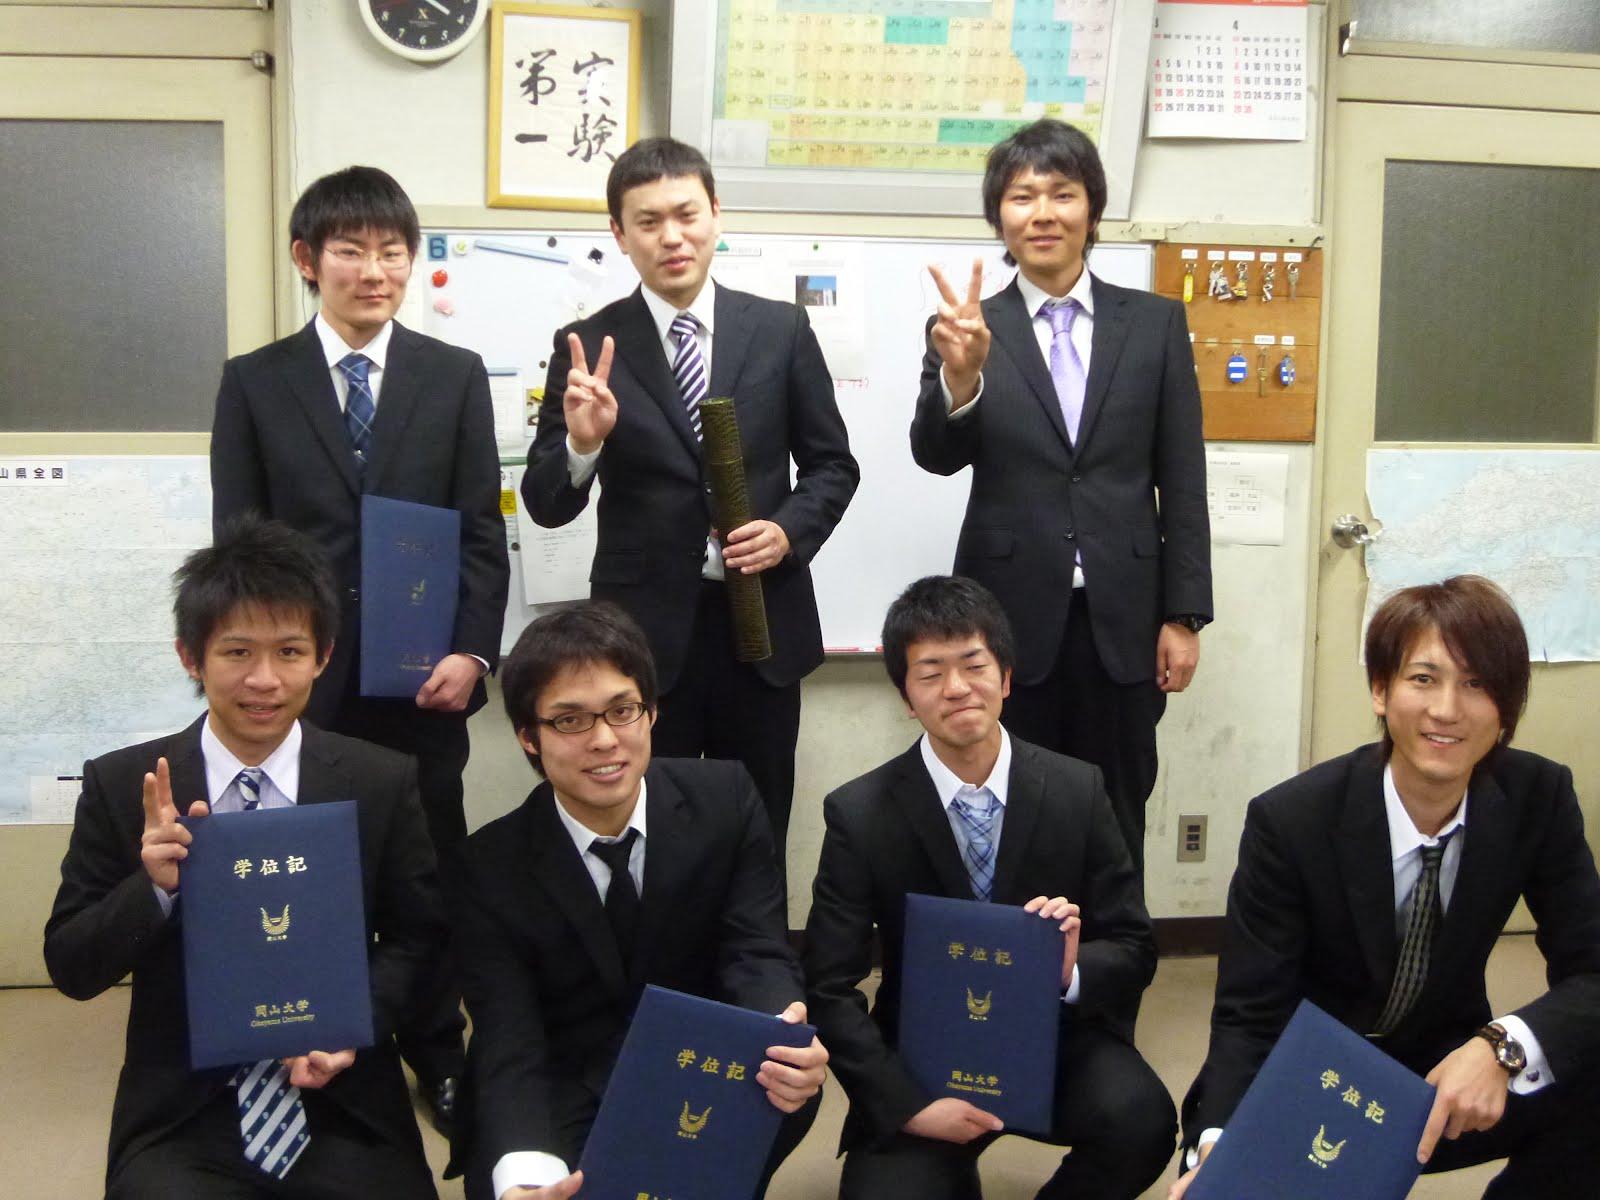 岡山大学・薄膜物性学研究室ブログ: 平成23年度岡山大学卒業式 ski...  平成23年度岡山